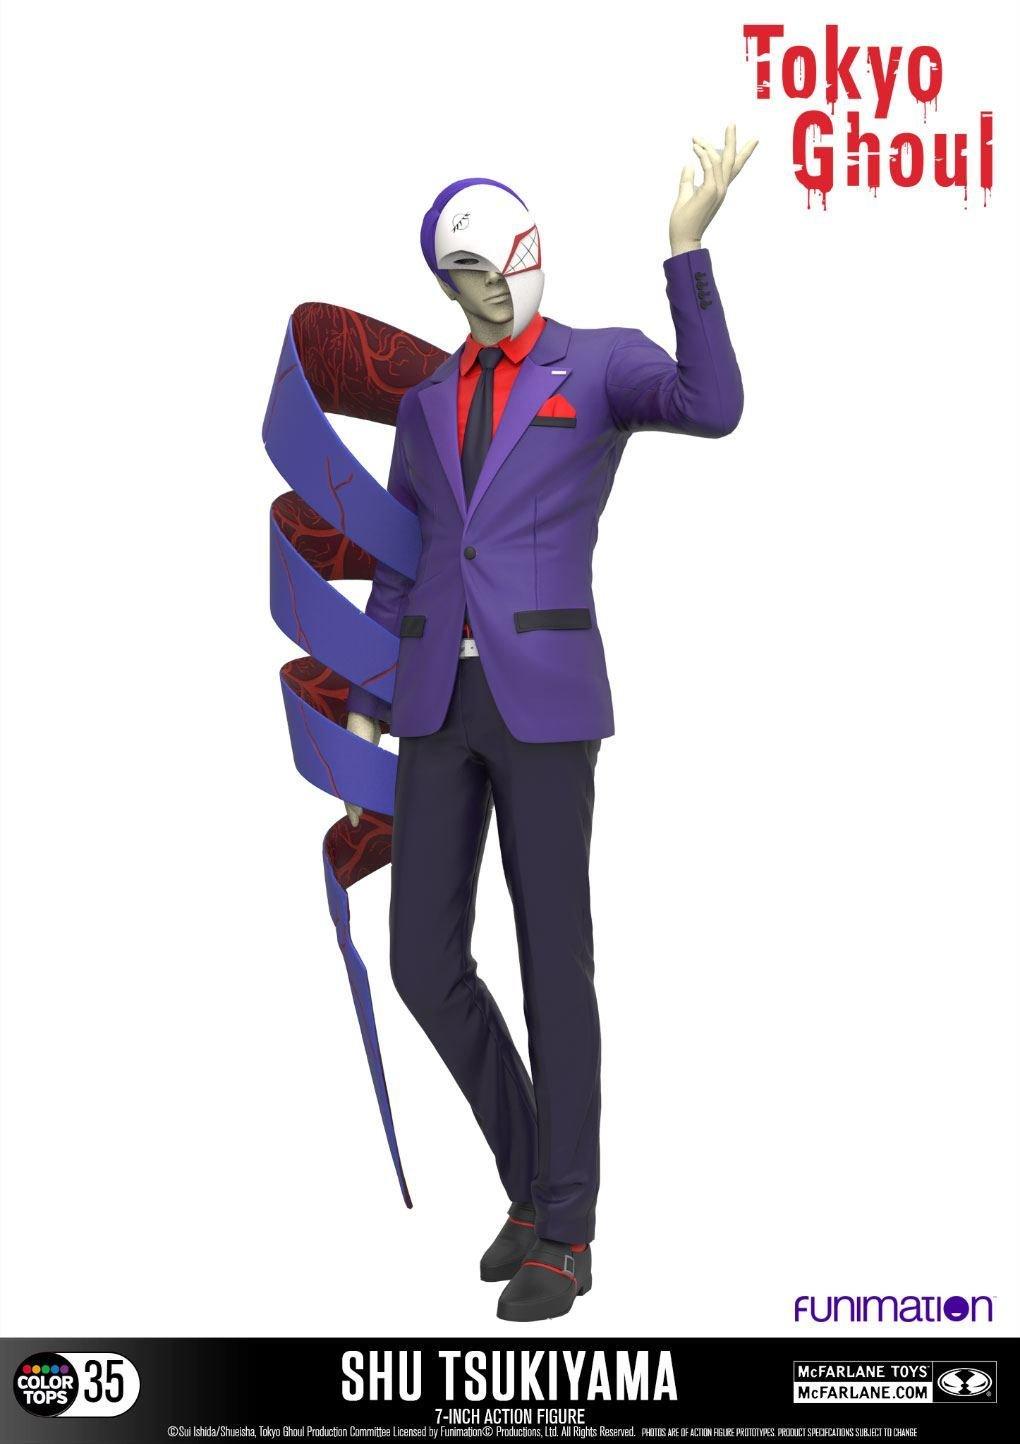 Tokyo Ghoul Color Tops Action Figure Shu Tsukiyama